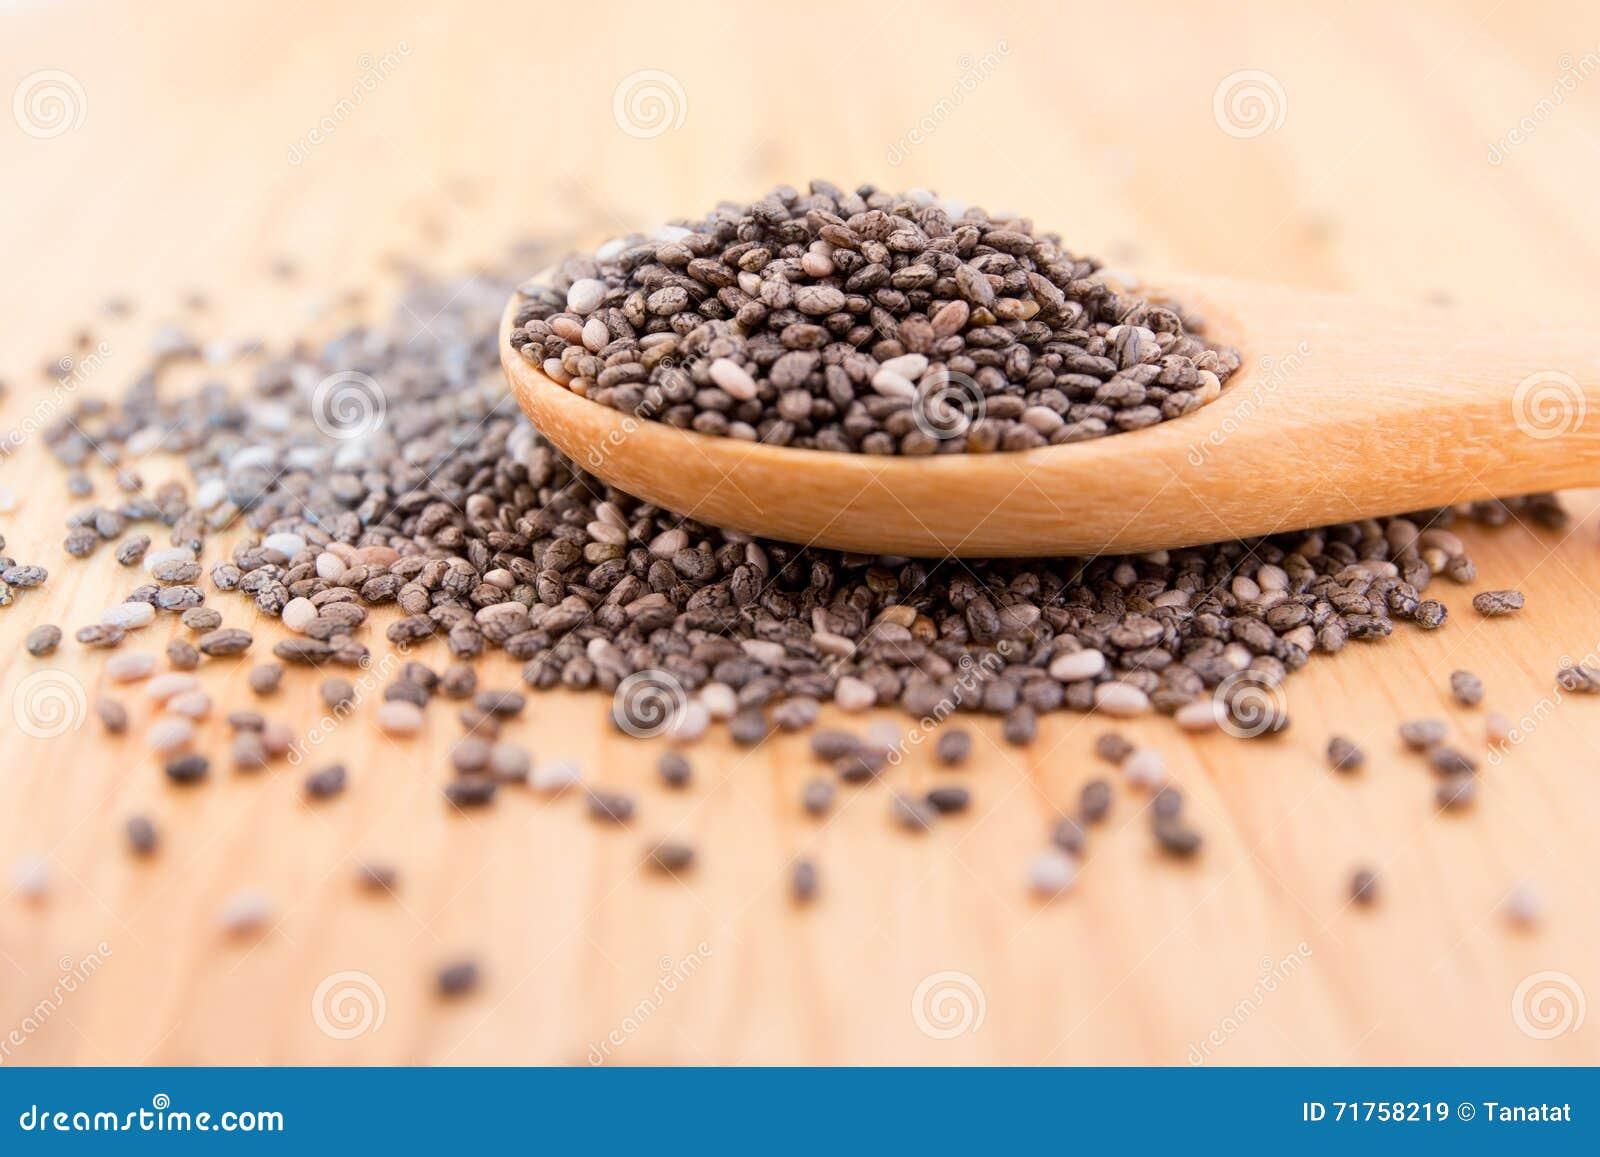 Κλείστε επάνω των σπόρων Chia σε ένα ξύλινο κουτάλι στον πίνακα